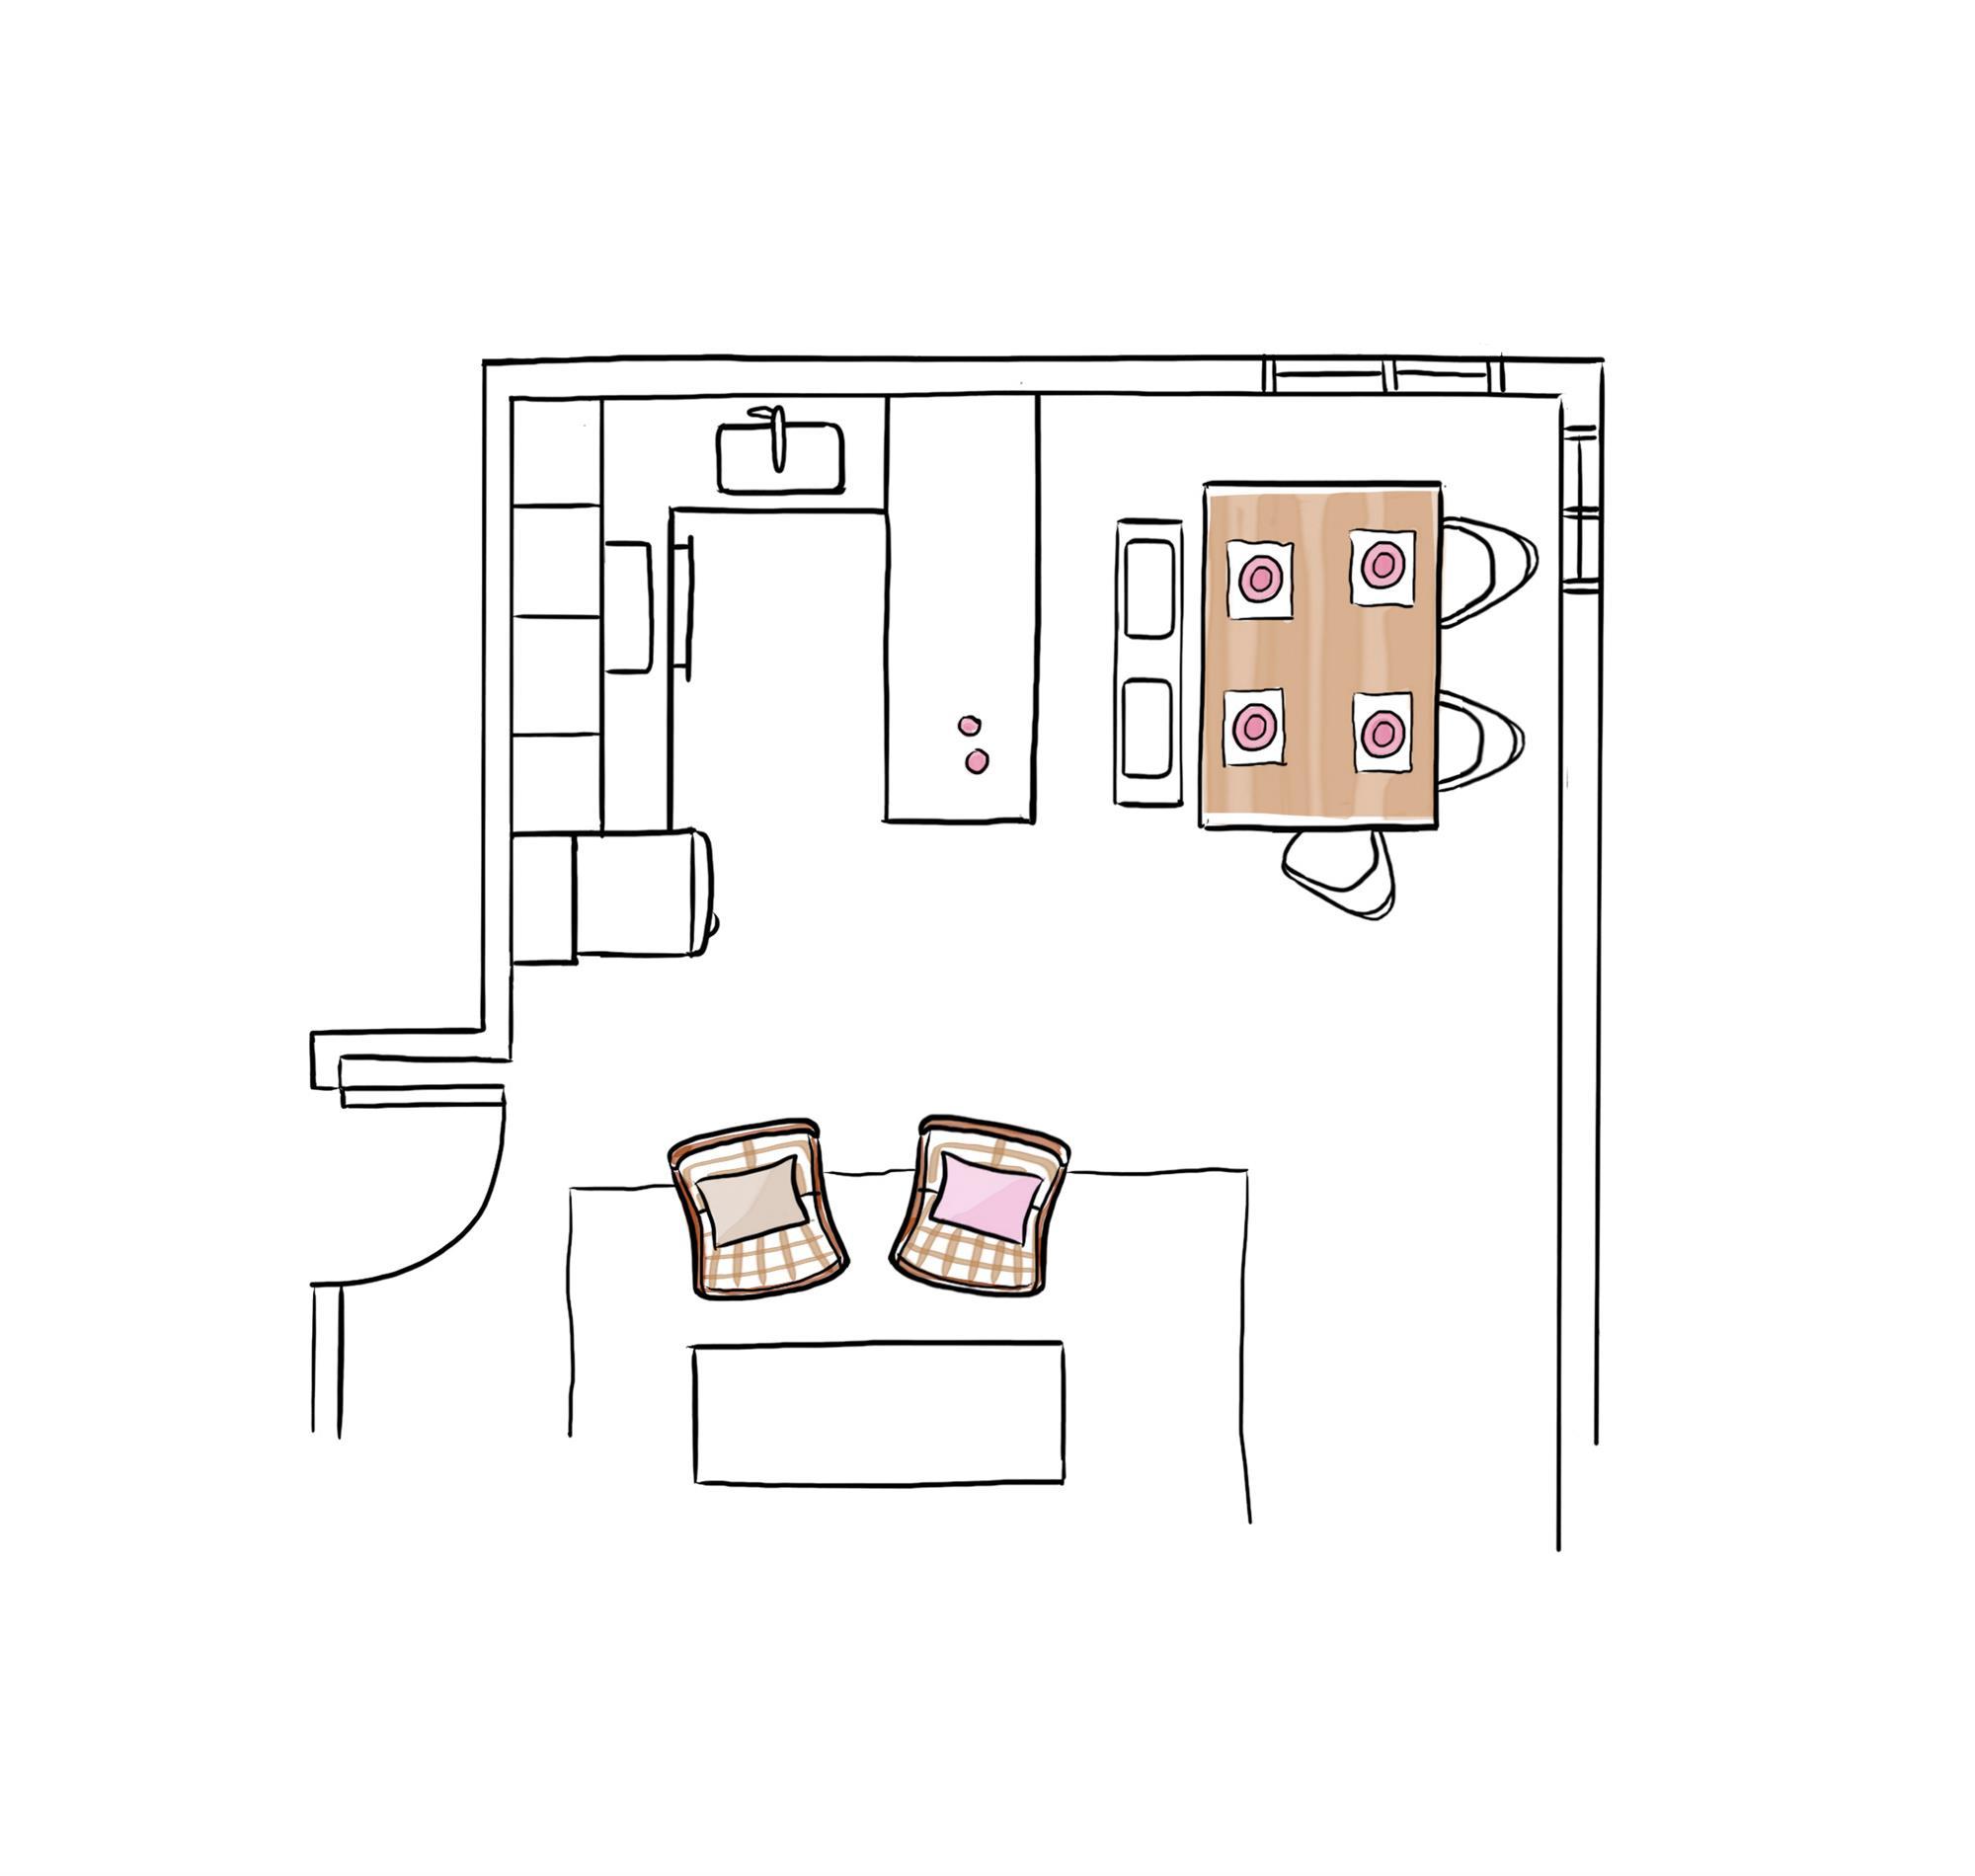 C mo hacer un plano a escala paso a paso for Como hacer un plano de una cocina